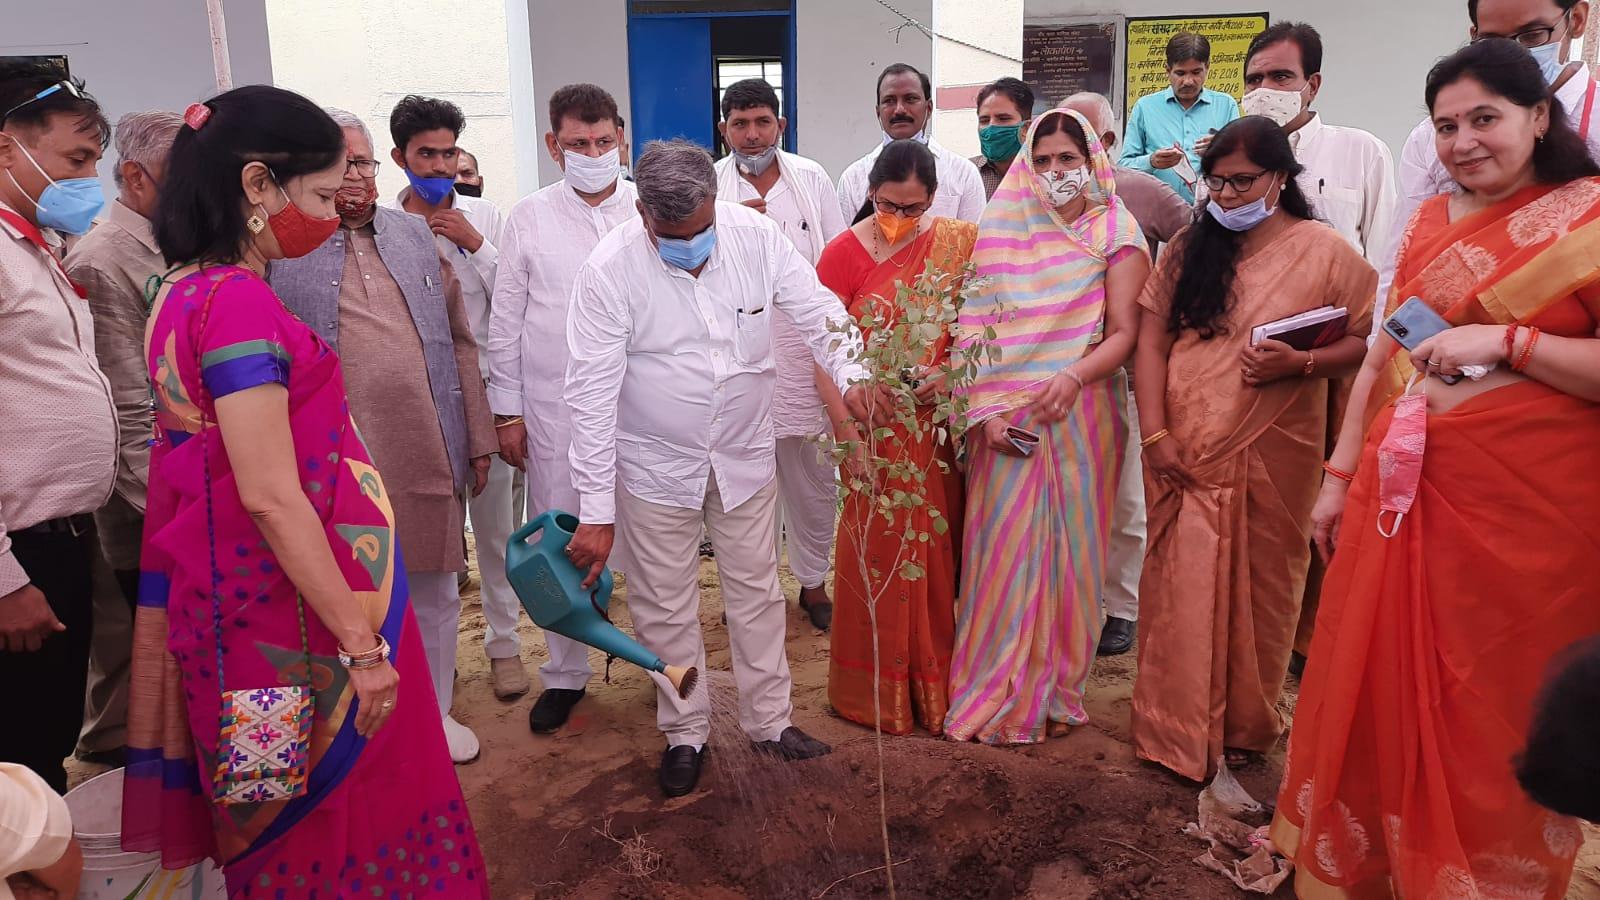 कृषि मंत्री लालचंद कटारिया व पूर्व विस अध्यक्ष कैलाश मेघवाल ने शाहपुरा में कक्षा कक्ष का किया लोकार्पण